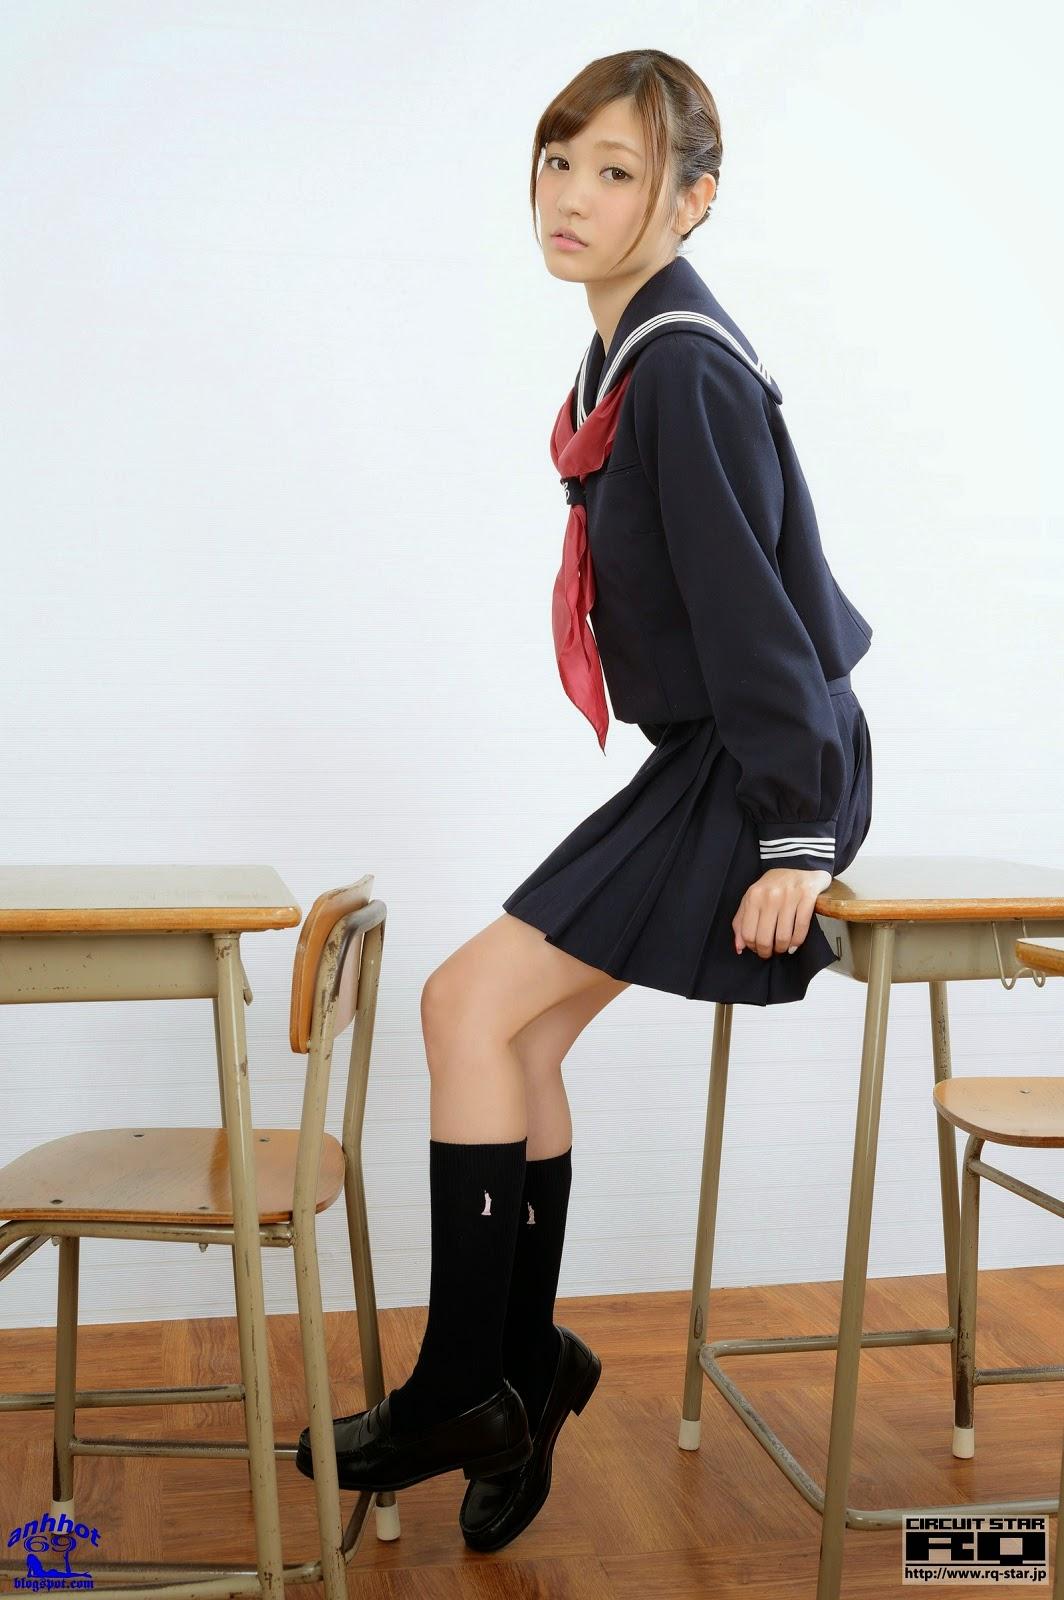 haruka-kanzaki-02420680